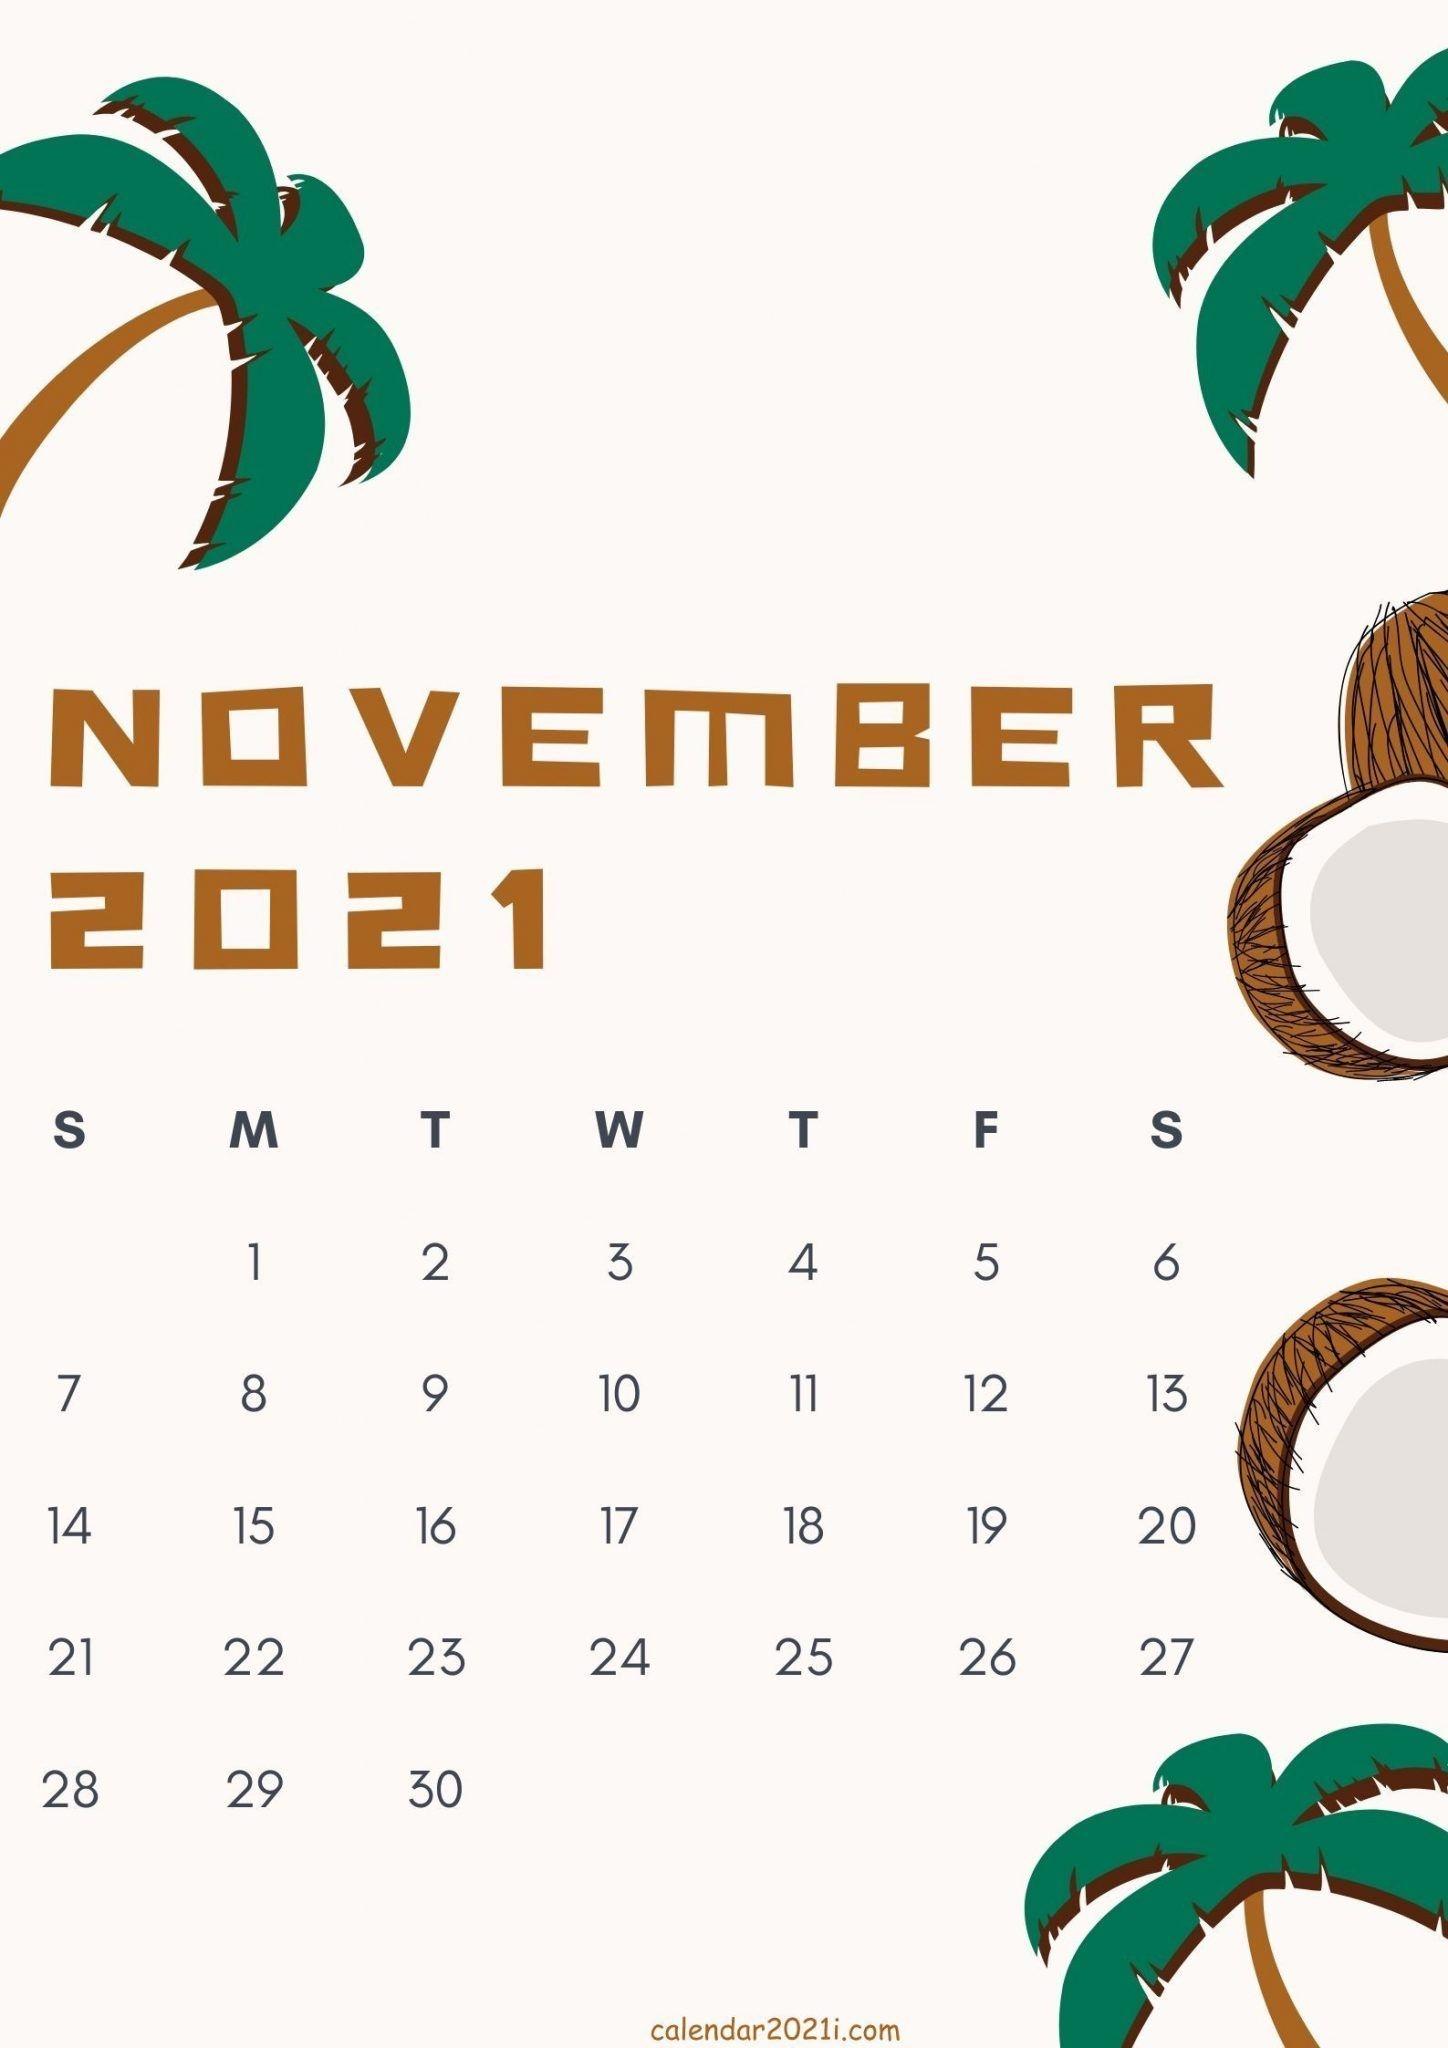 November 2021 Cute Calendar Design In 2020 | Calendar Design